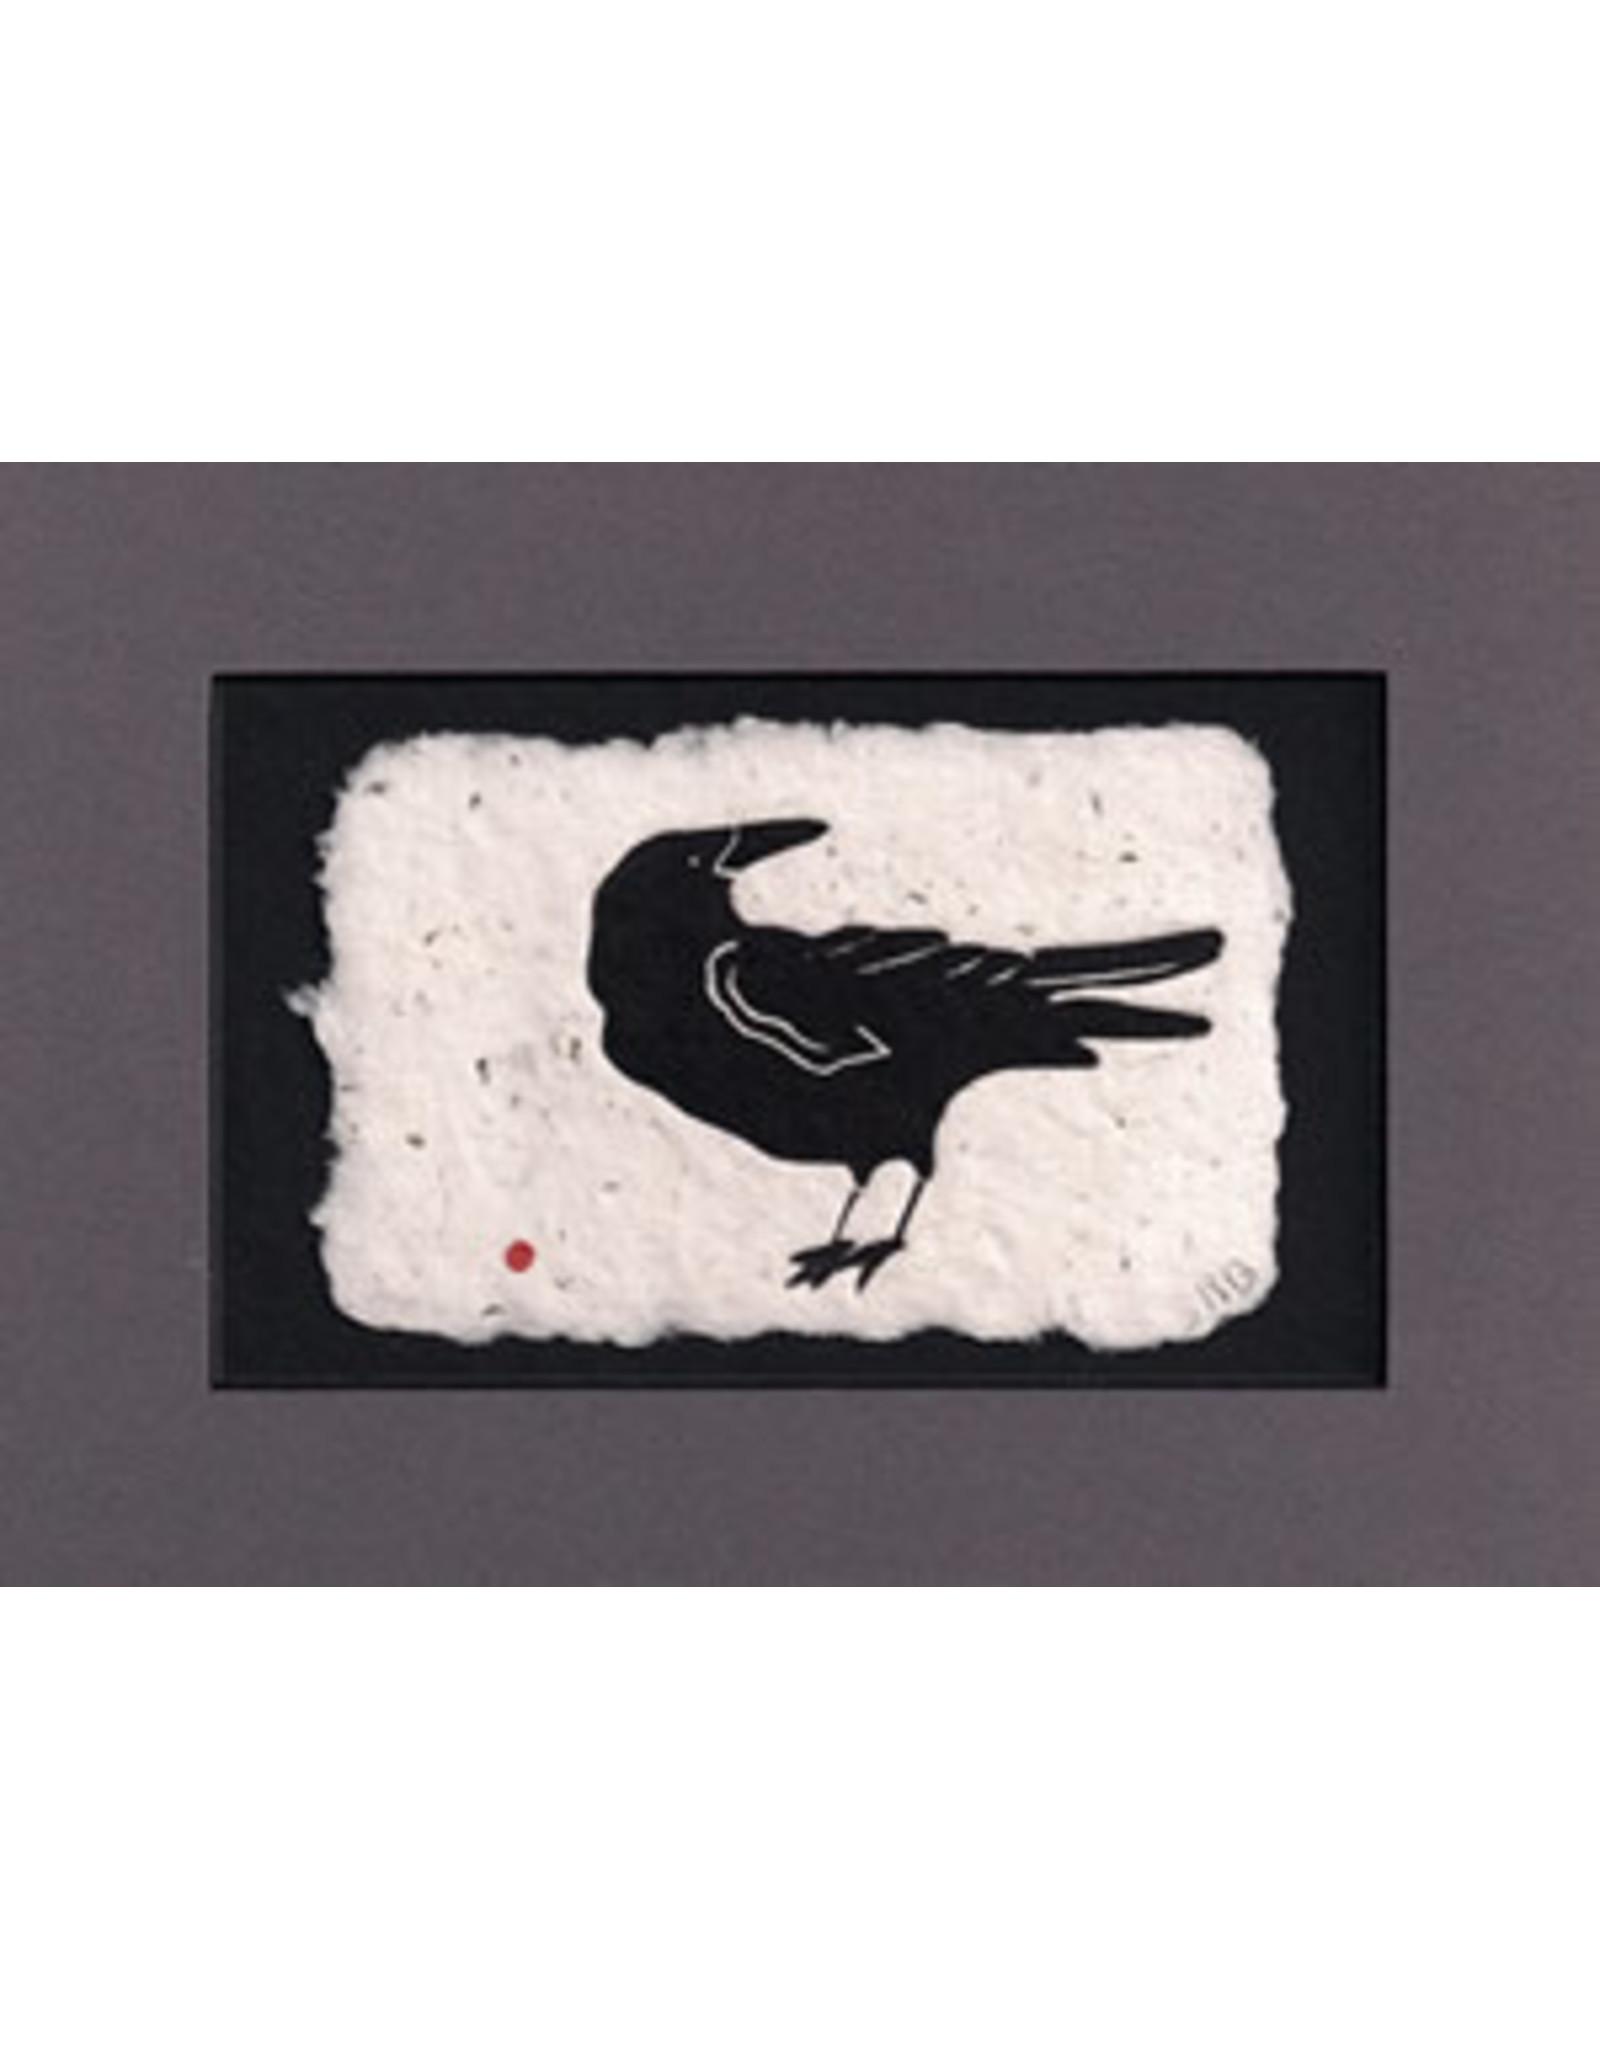 KB's Handmade Creations Raven (framed) | Karen Beason